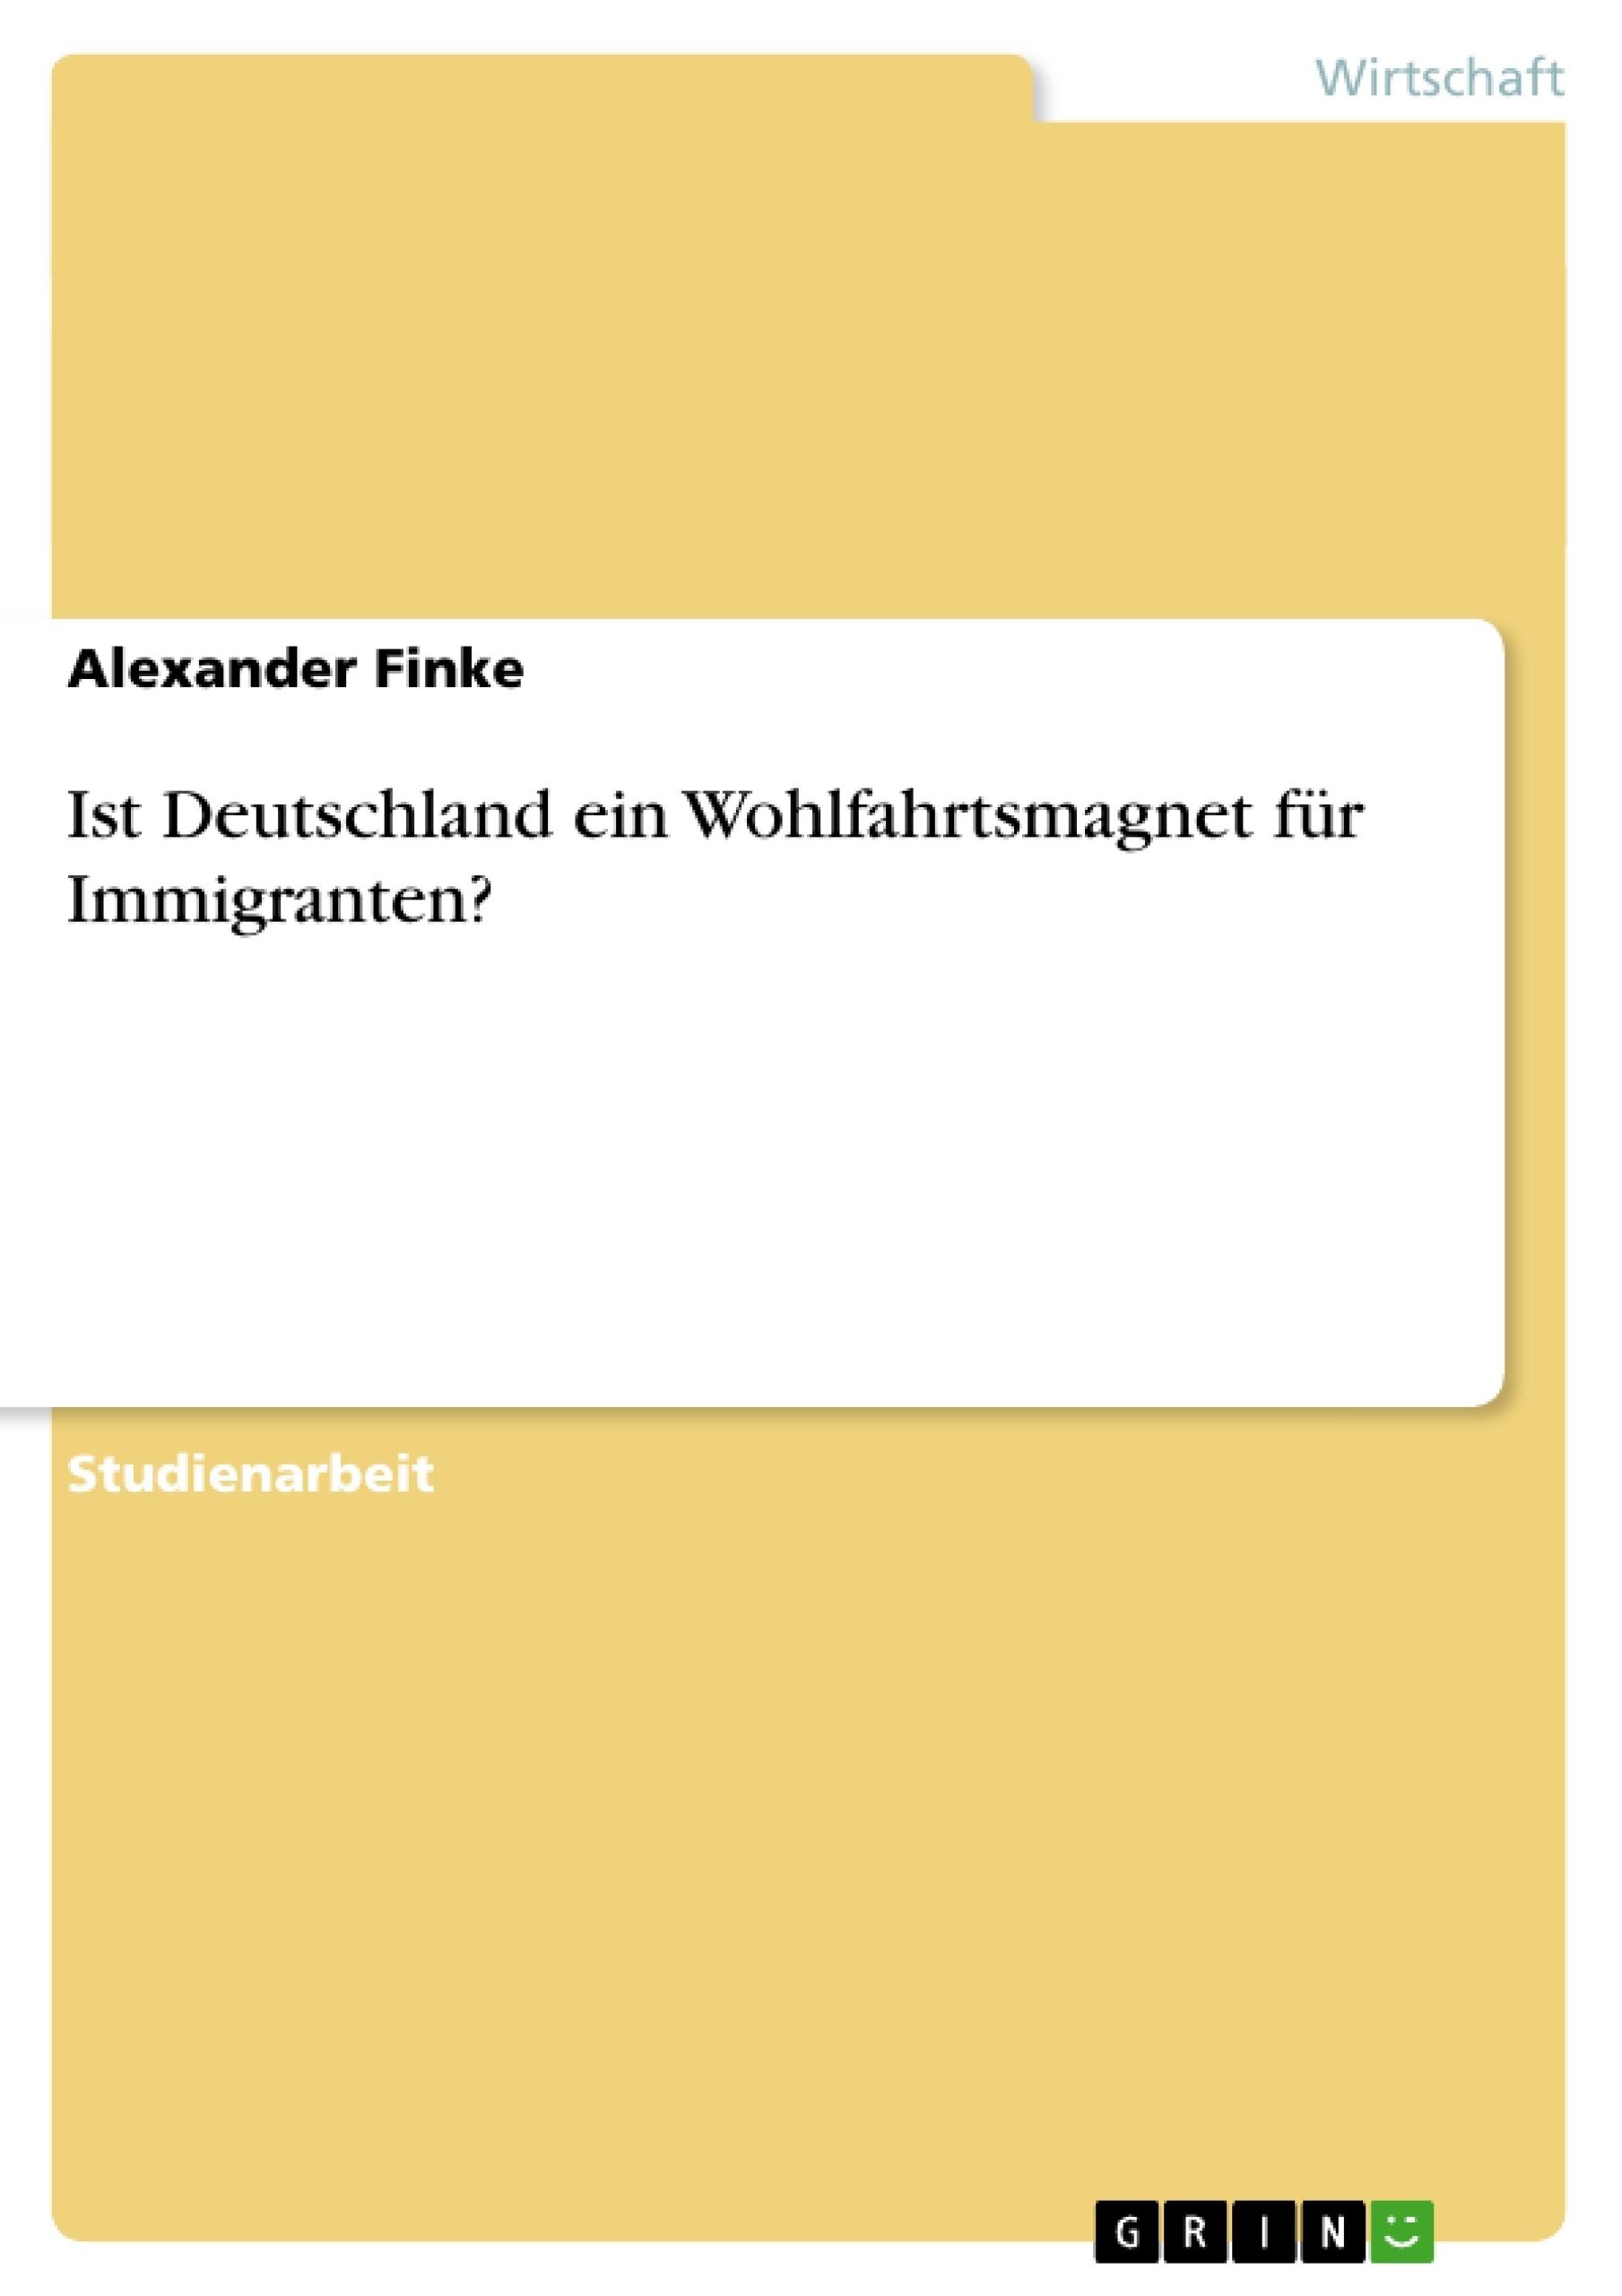 Titel: Ist Deutschland ein Wohlfahrtsmagnet für Immigranten?